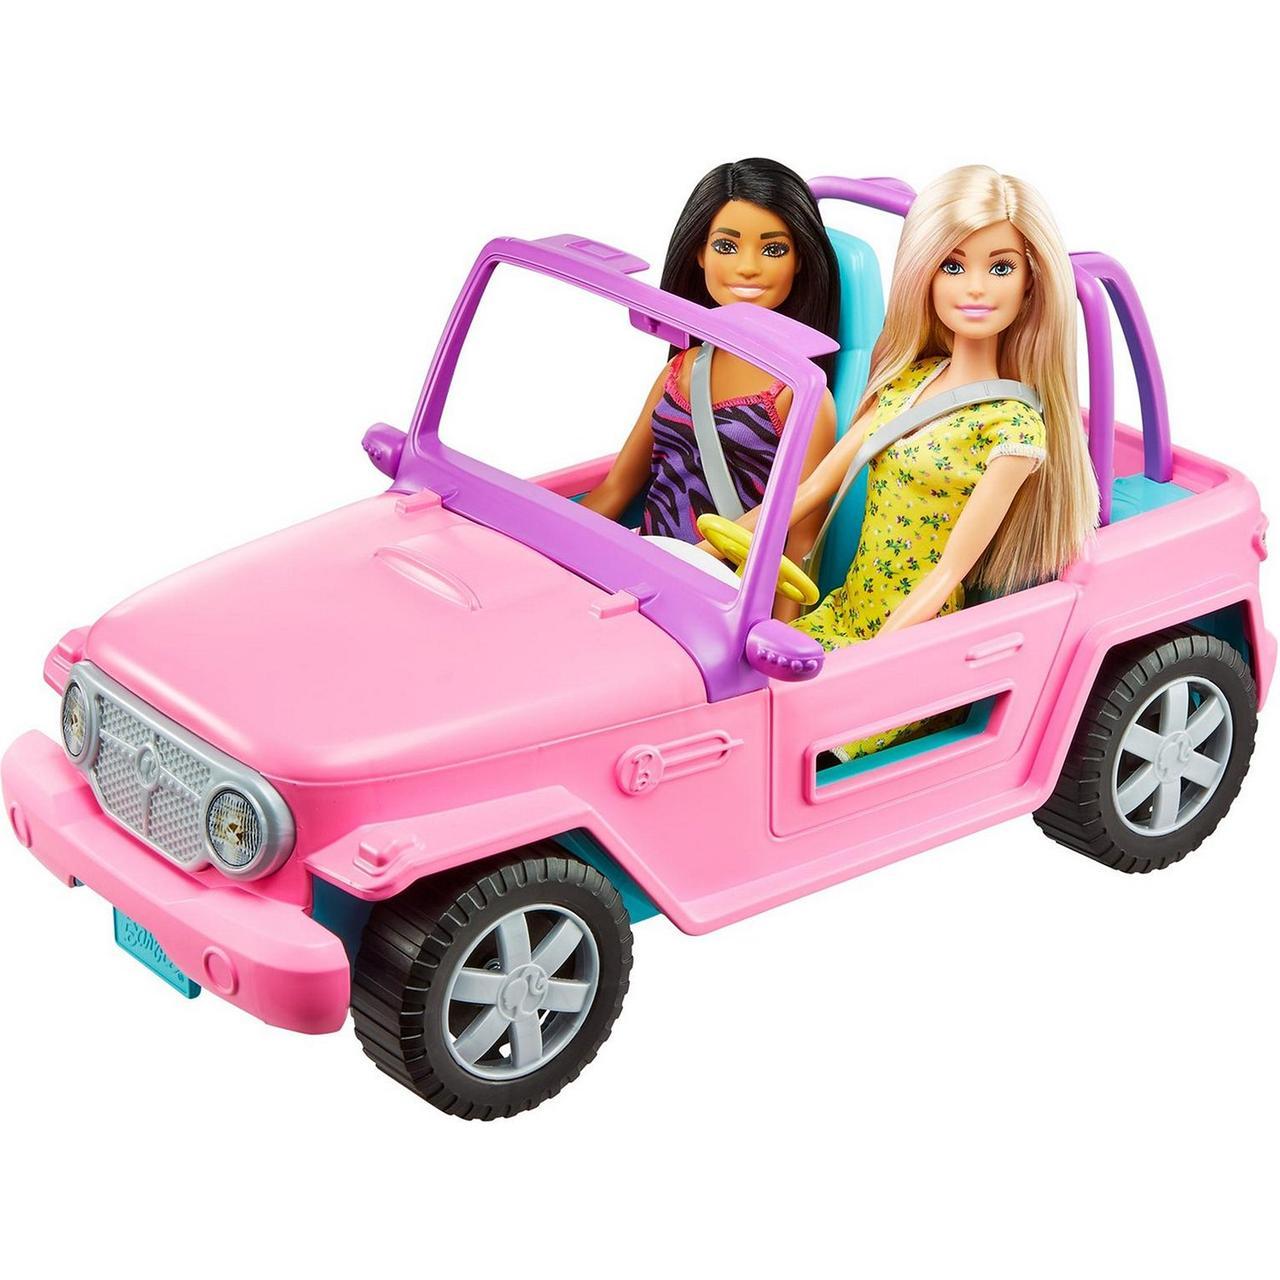 Barbie Игровой набор Кукла Барби с подругой в розовом джипе